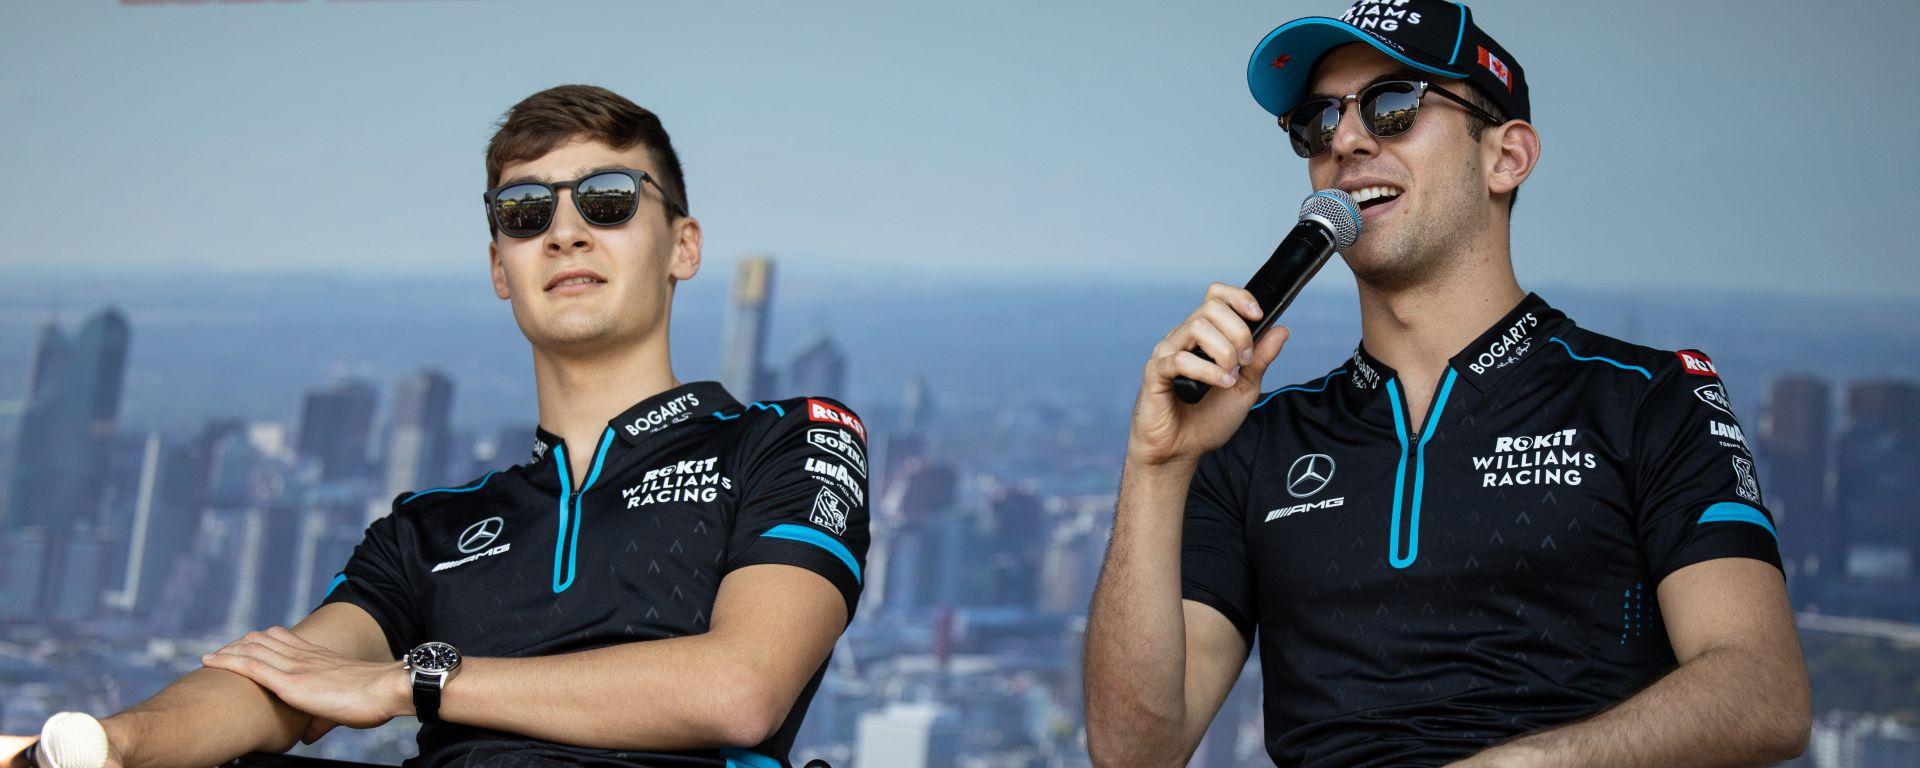 F1 2020: i piloti della Williams, George Russell e Nicholas Latifi